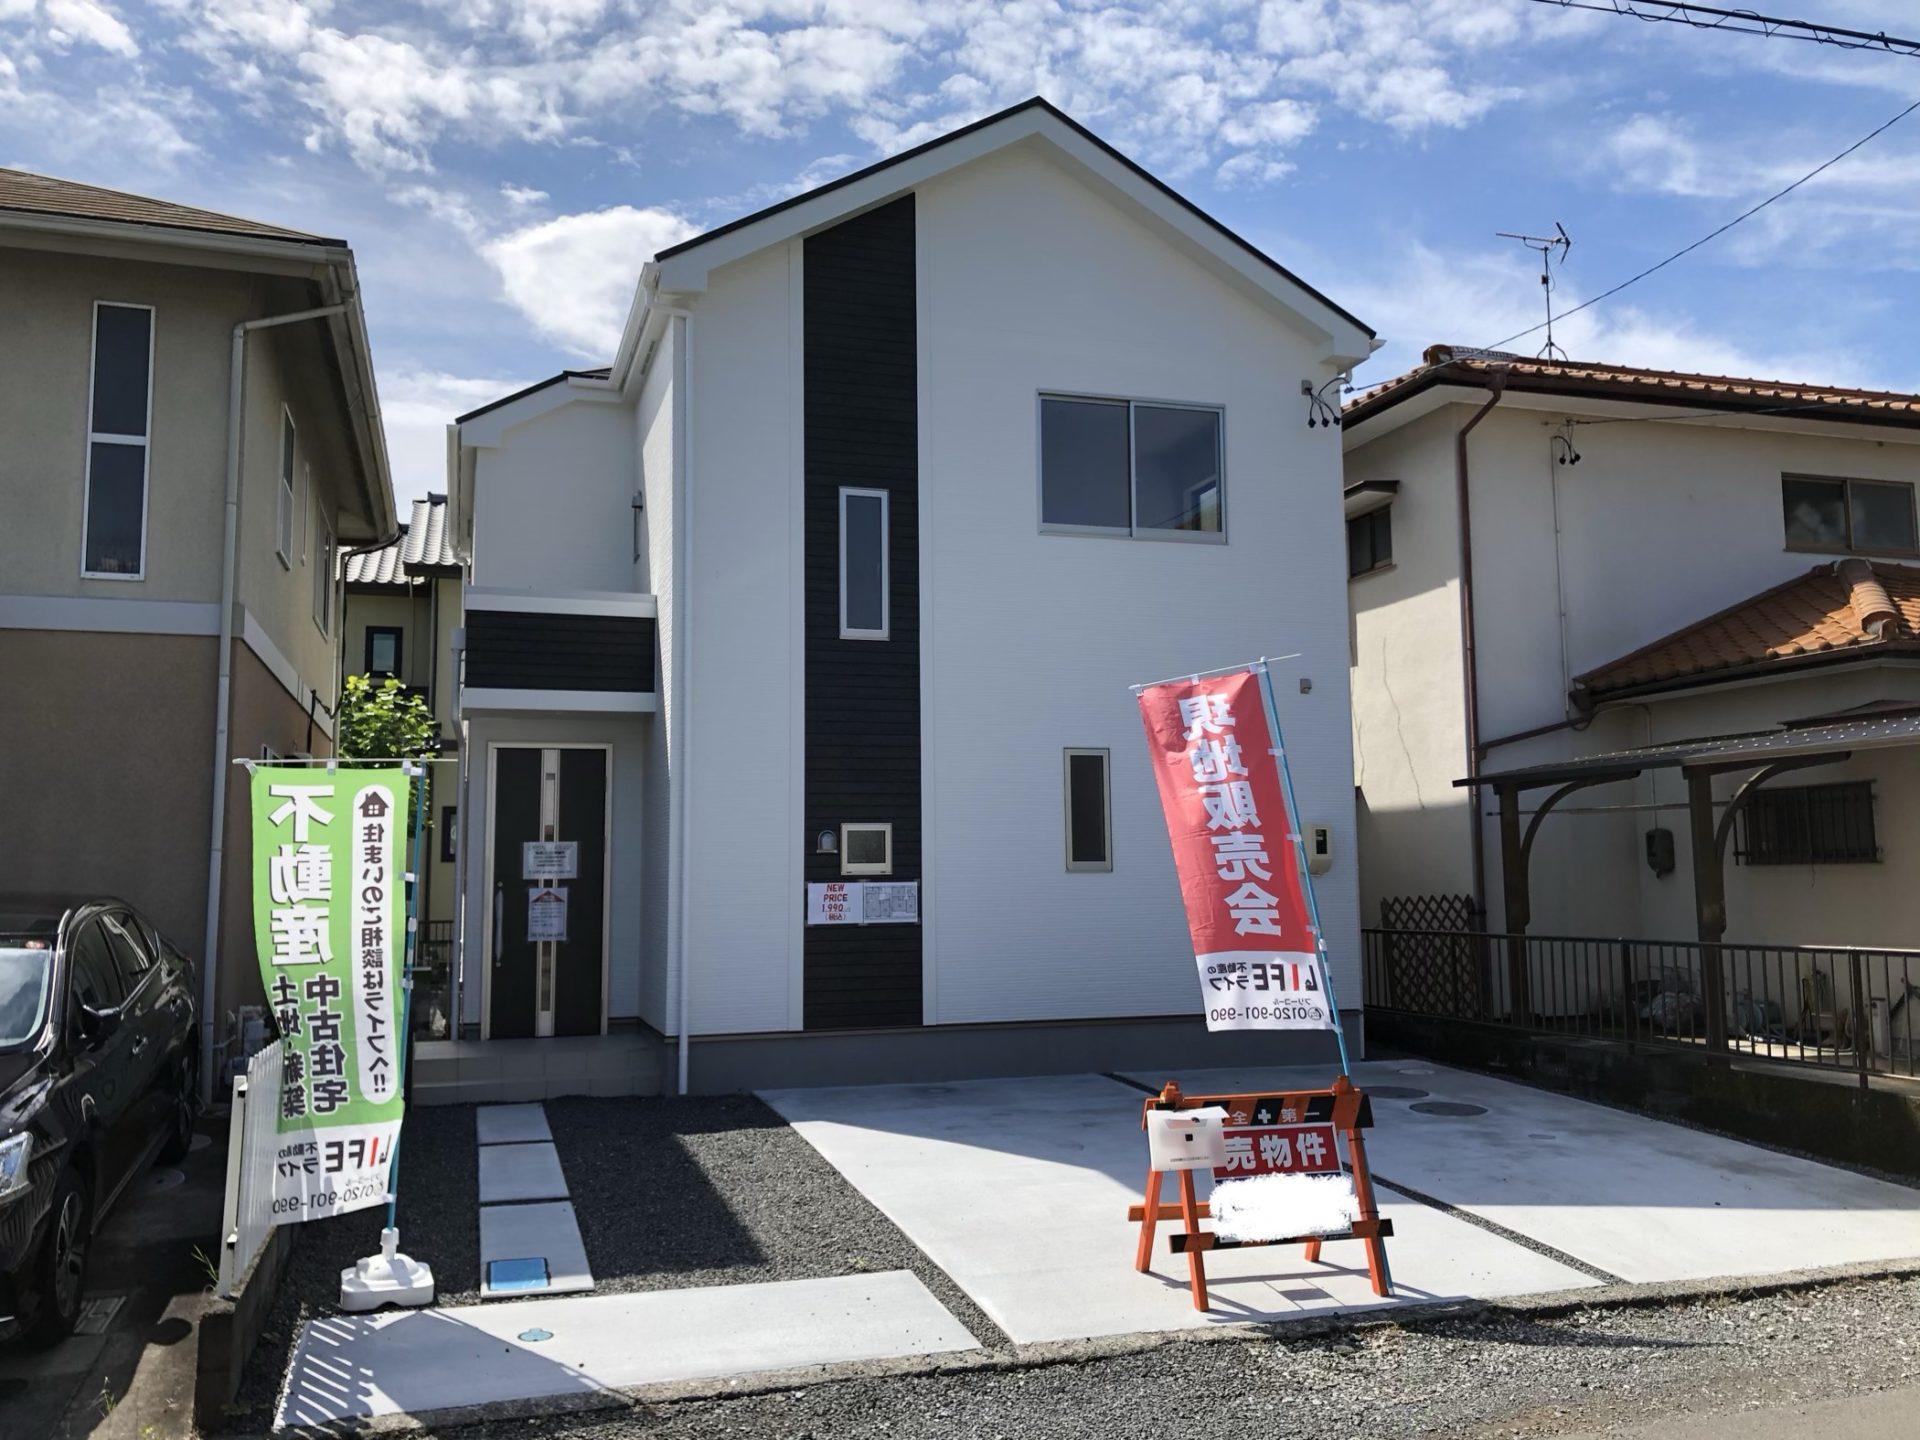 新価格1790万円 藤枝市時ケ谷新築住宅 8月現地販売会開催